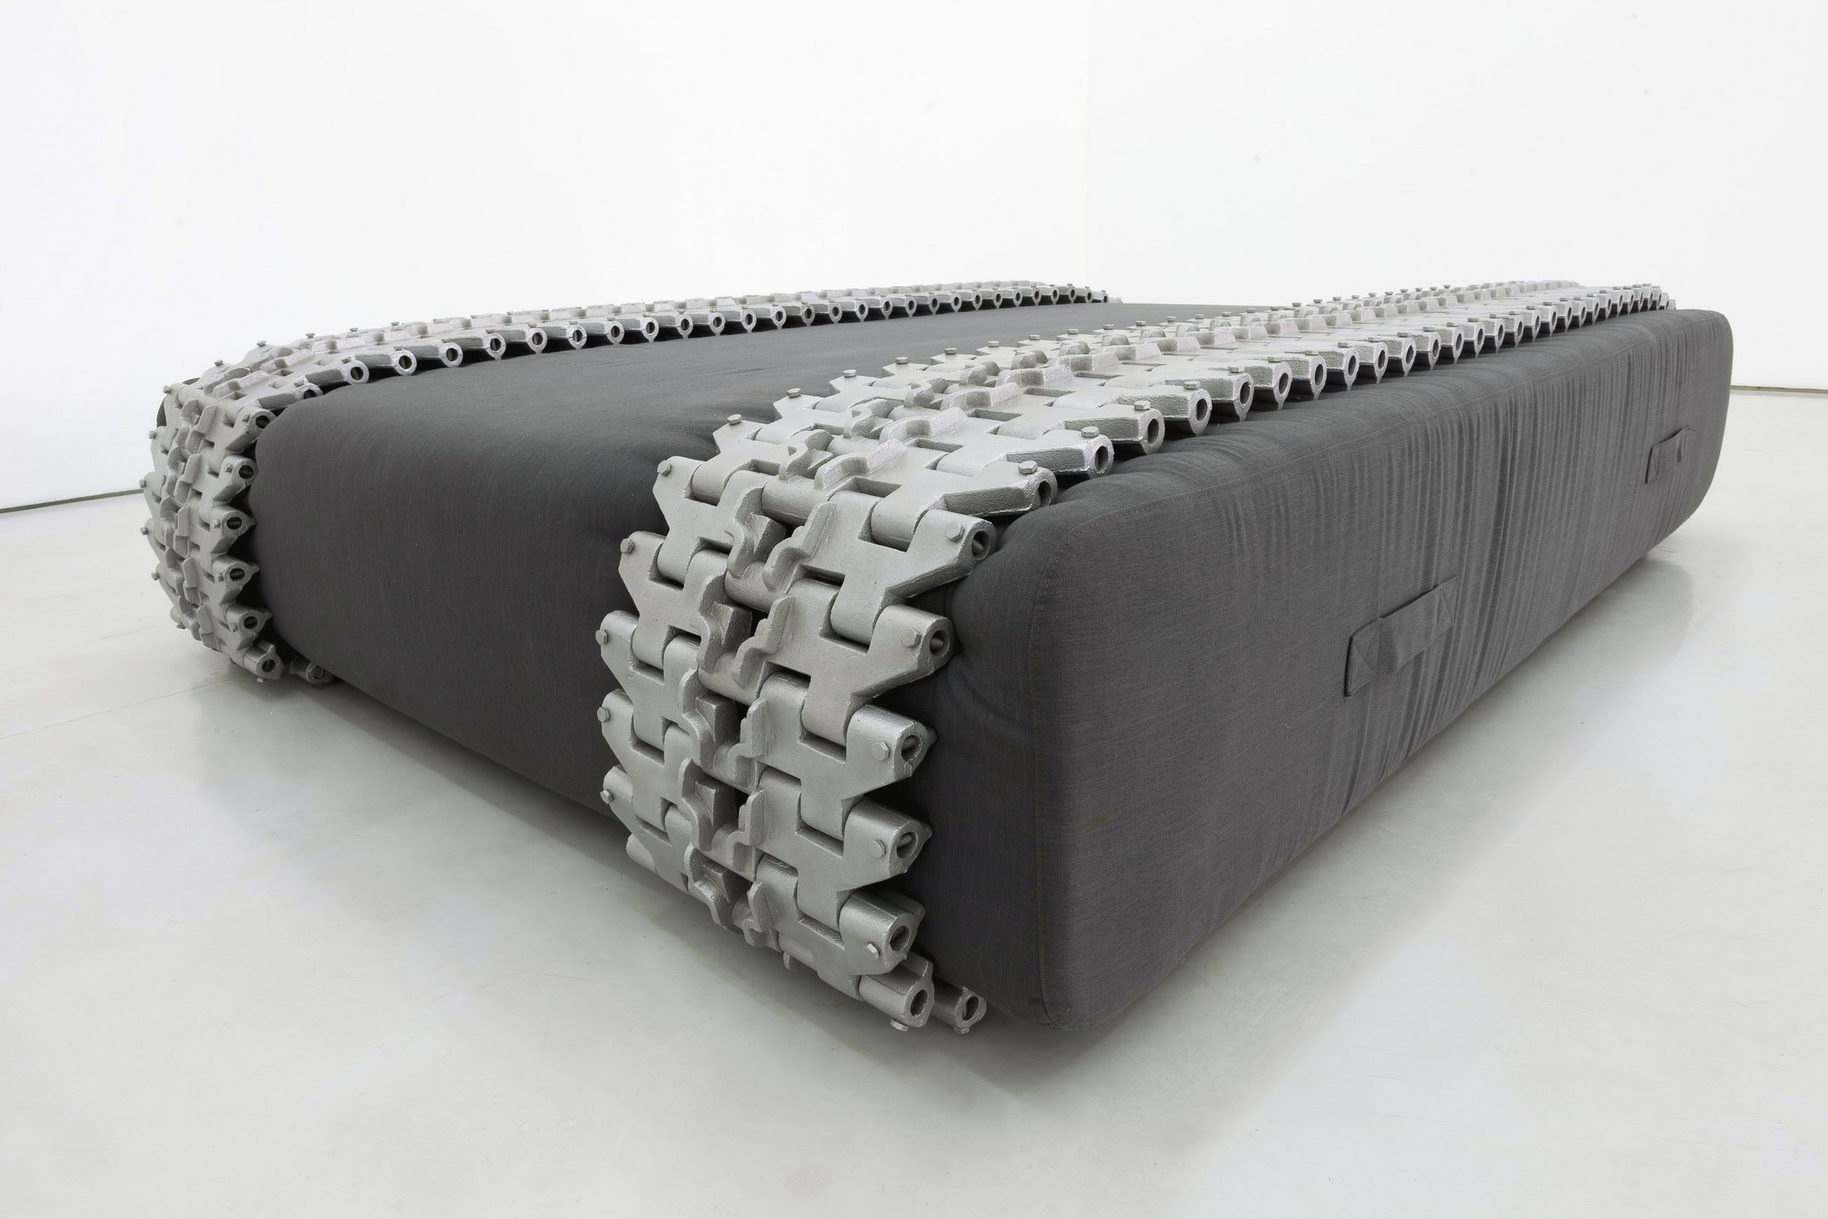 Gao Lei 高磊, C-45, 2013, Foam canvas and metal apron wheel 海绵、帆布、金属履带, 262 x 200 x 59 cm